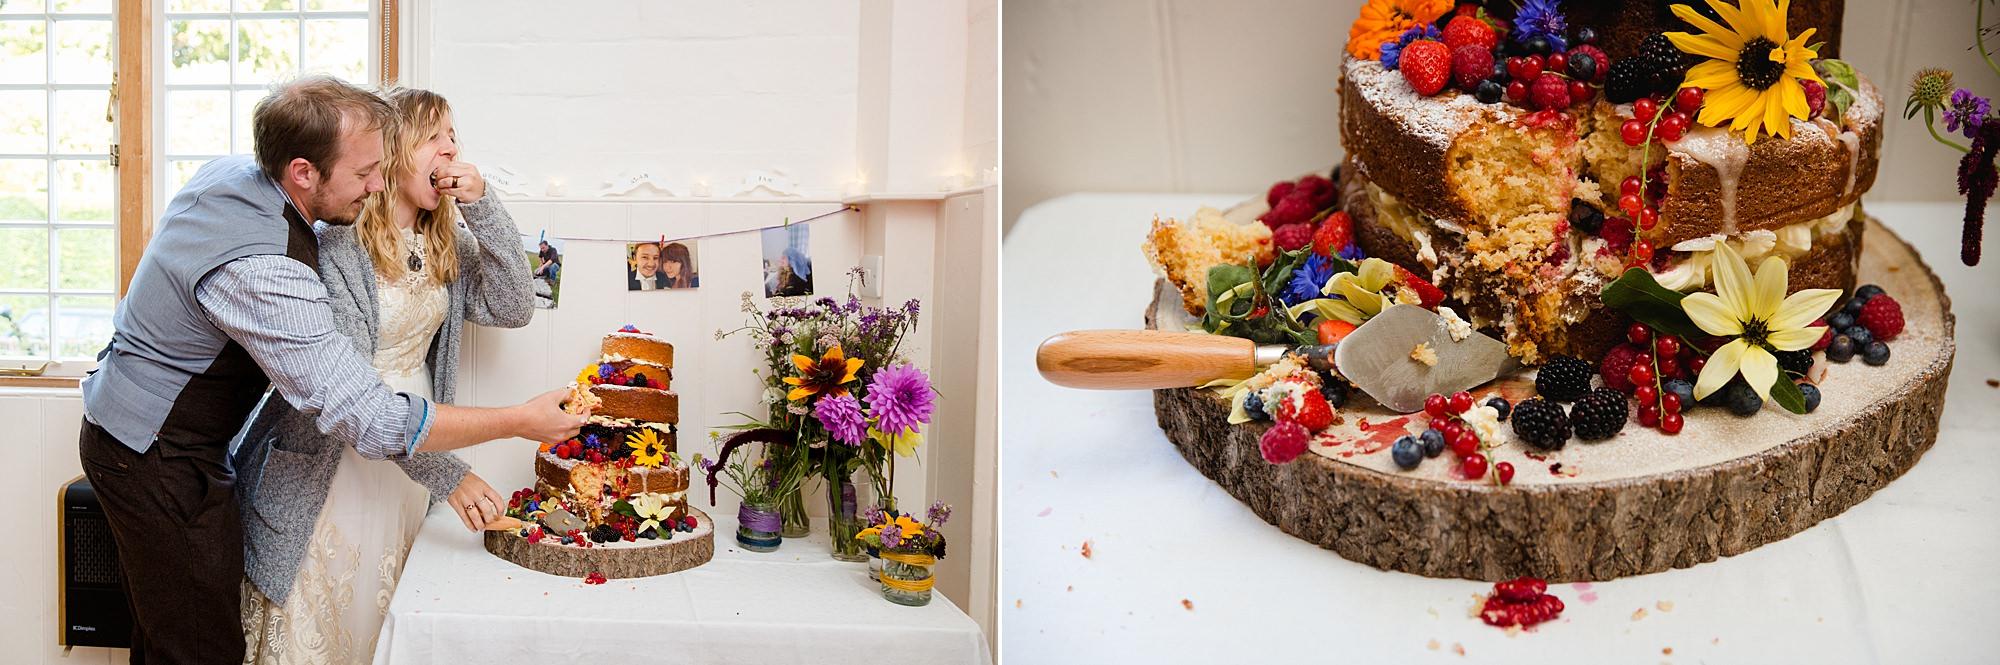 Fun village hall wedding bride and groom cut wedding cake with a trowel